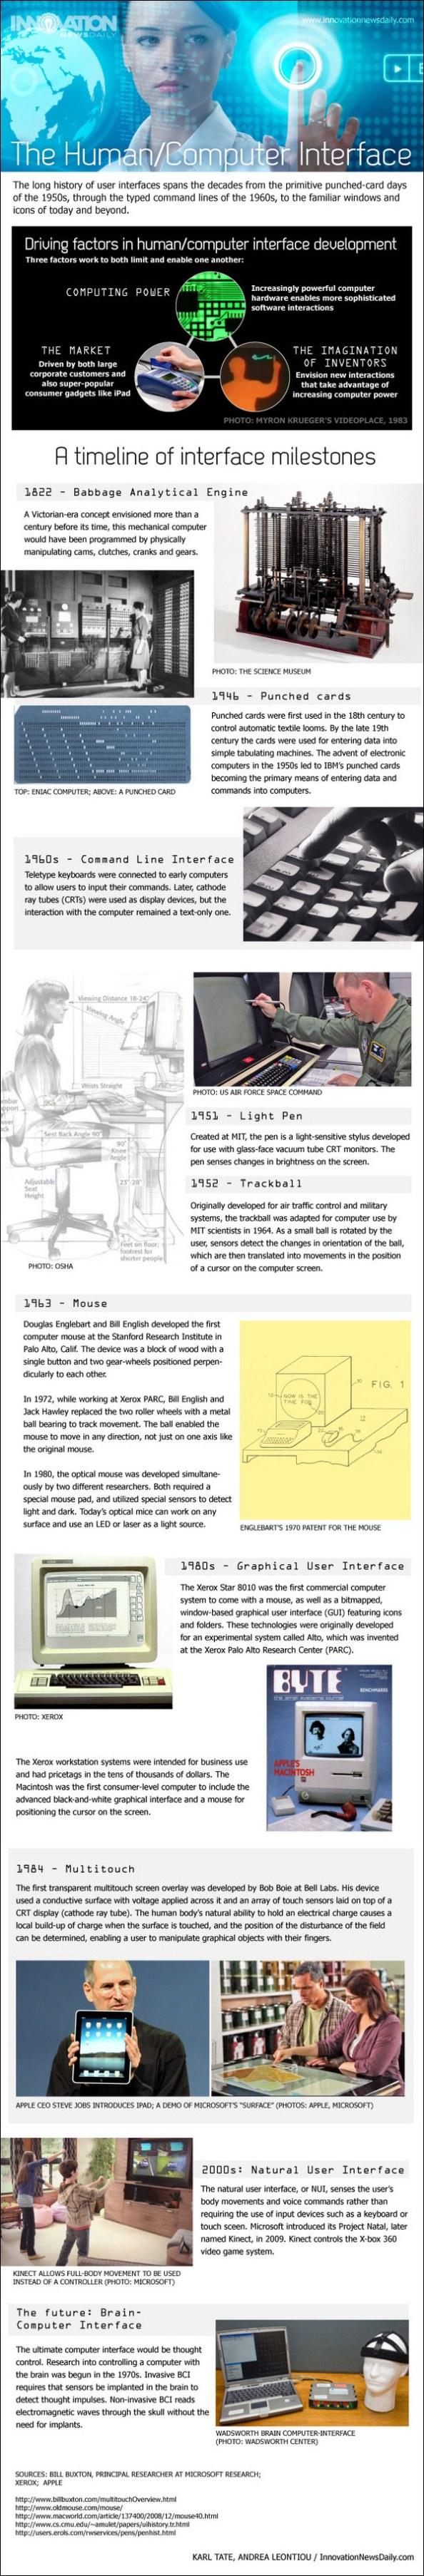 History_HumanMachine-interface